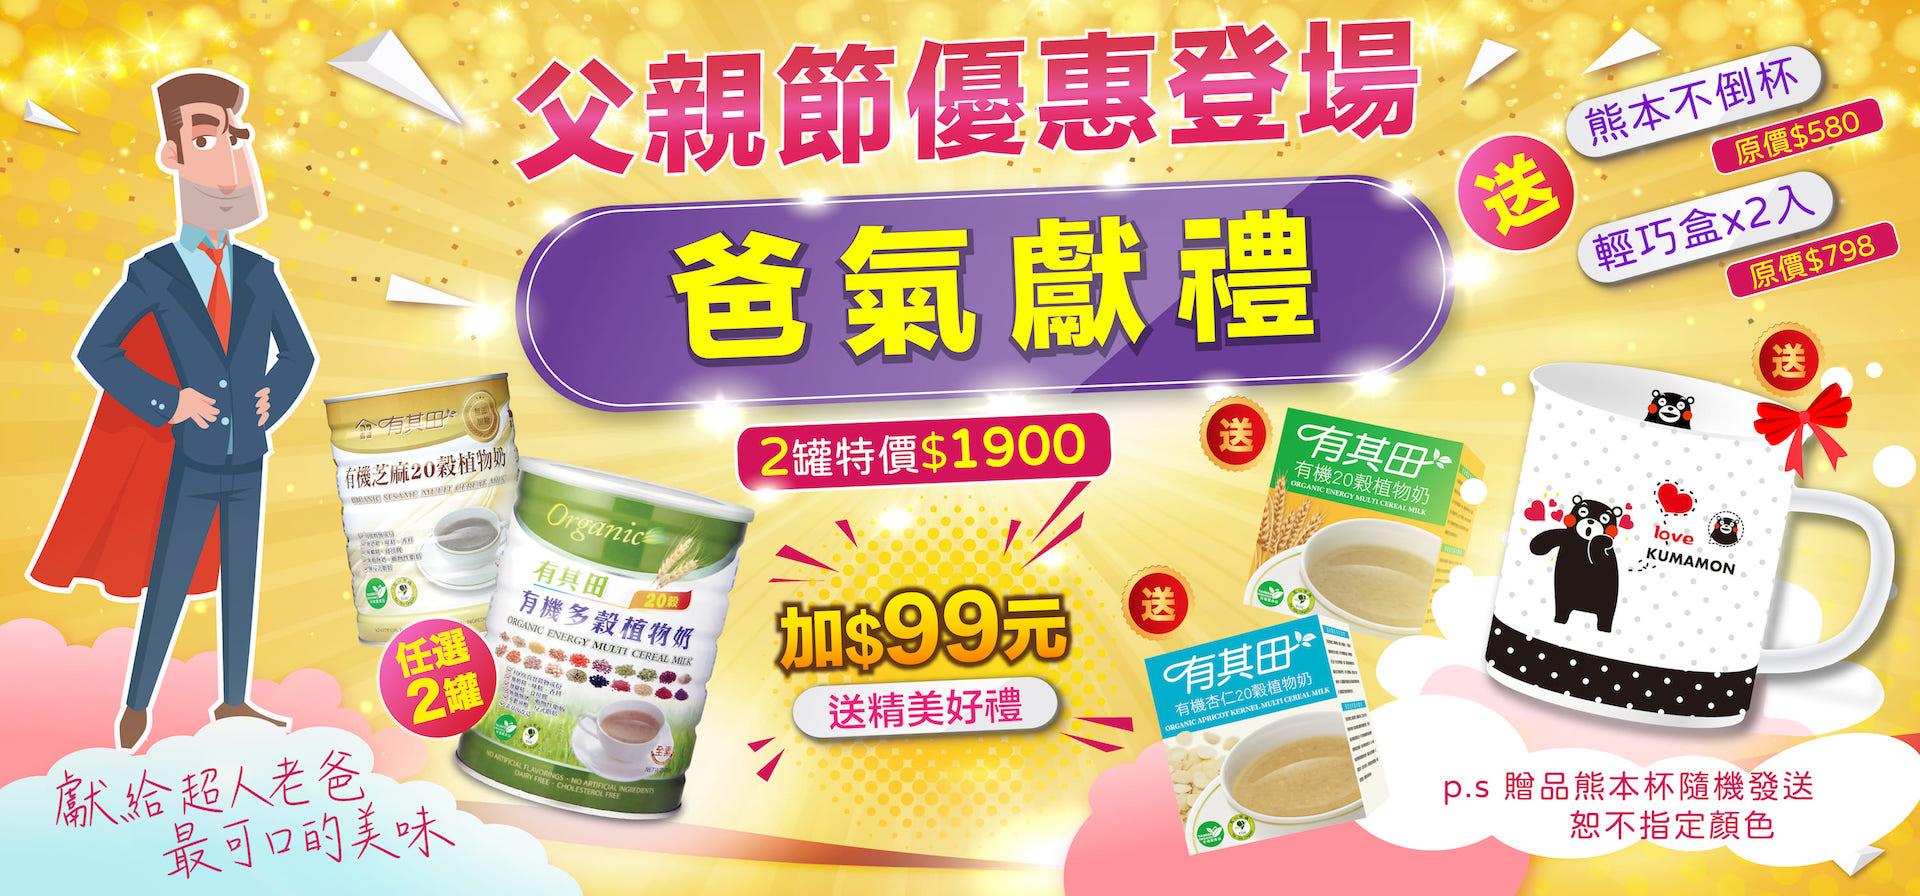 父親節優惠組-植物奶2入,特價$1900。加$99元,送超值好禮~贈送輕巧盒x2+熊本杯x1